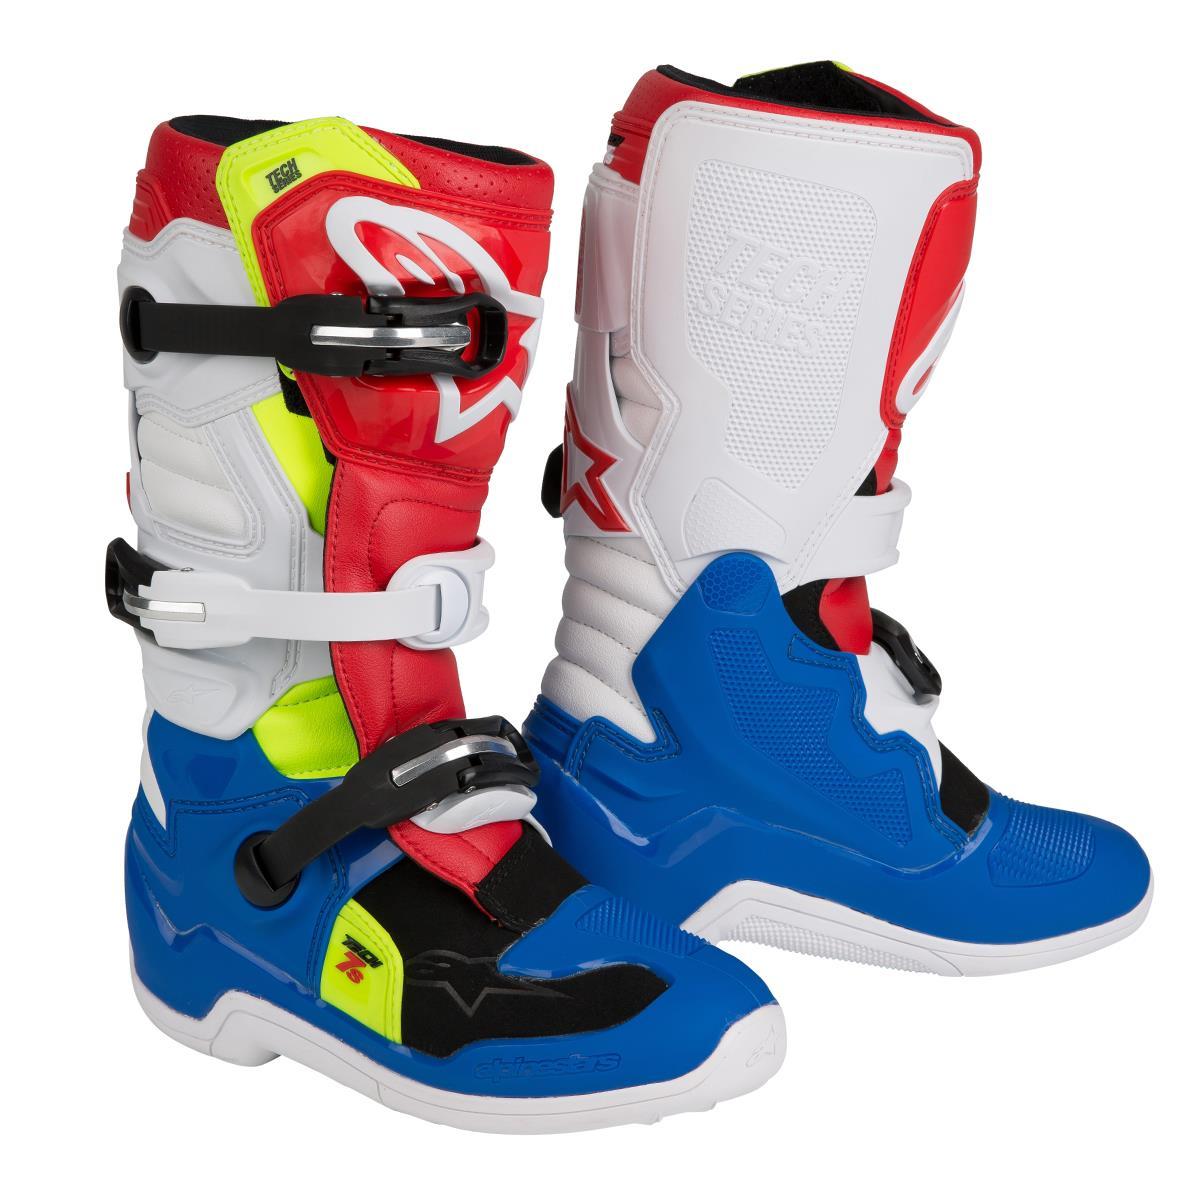 e3d044a10975a3 Alpinestars Kids MX Boots Tech 7S Blue White Red 2019